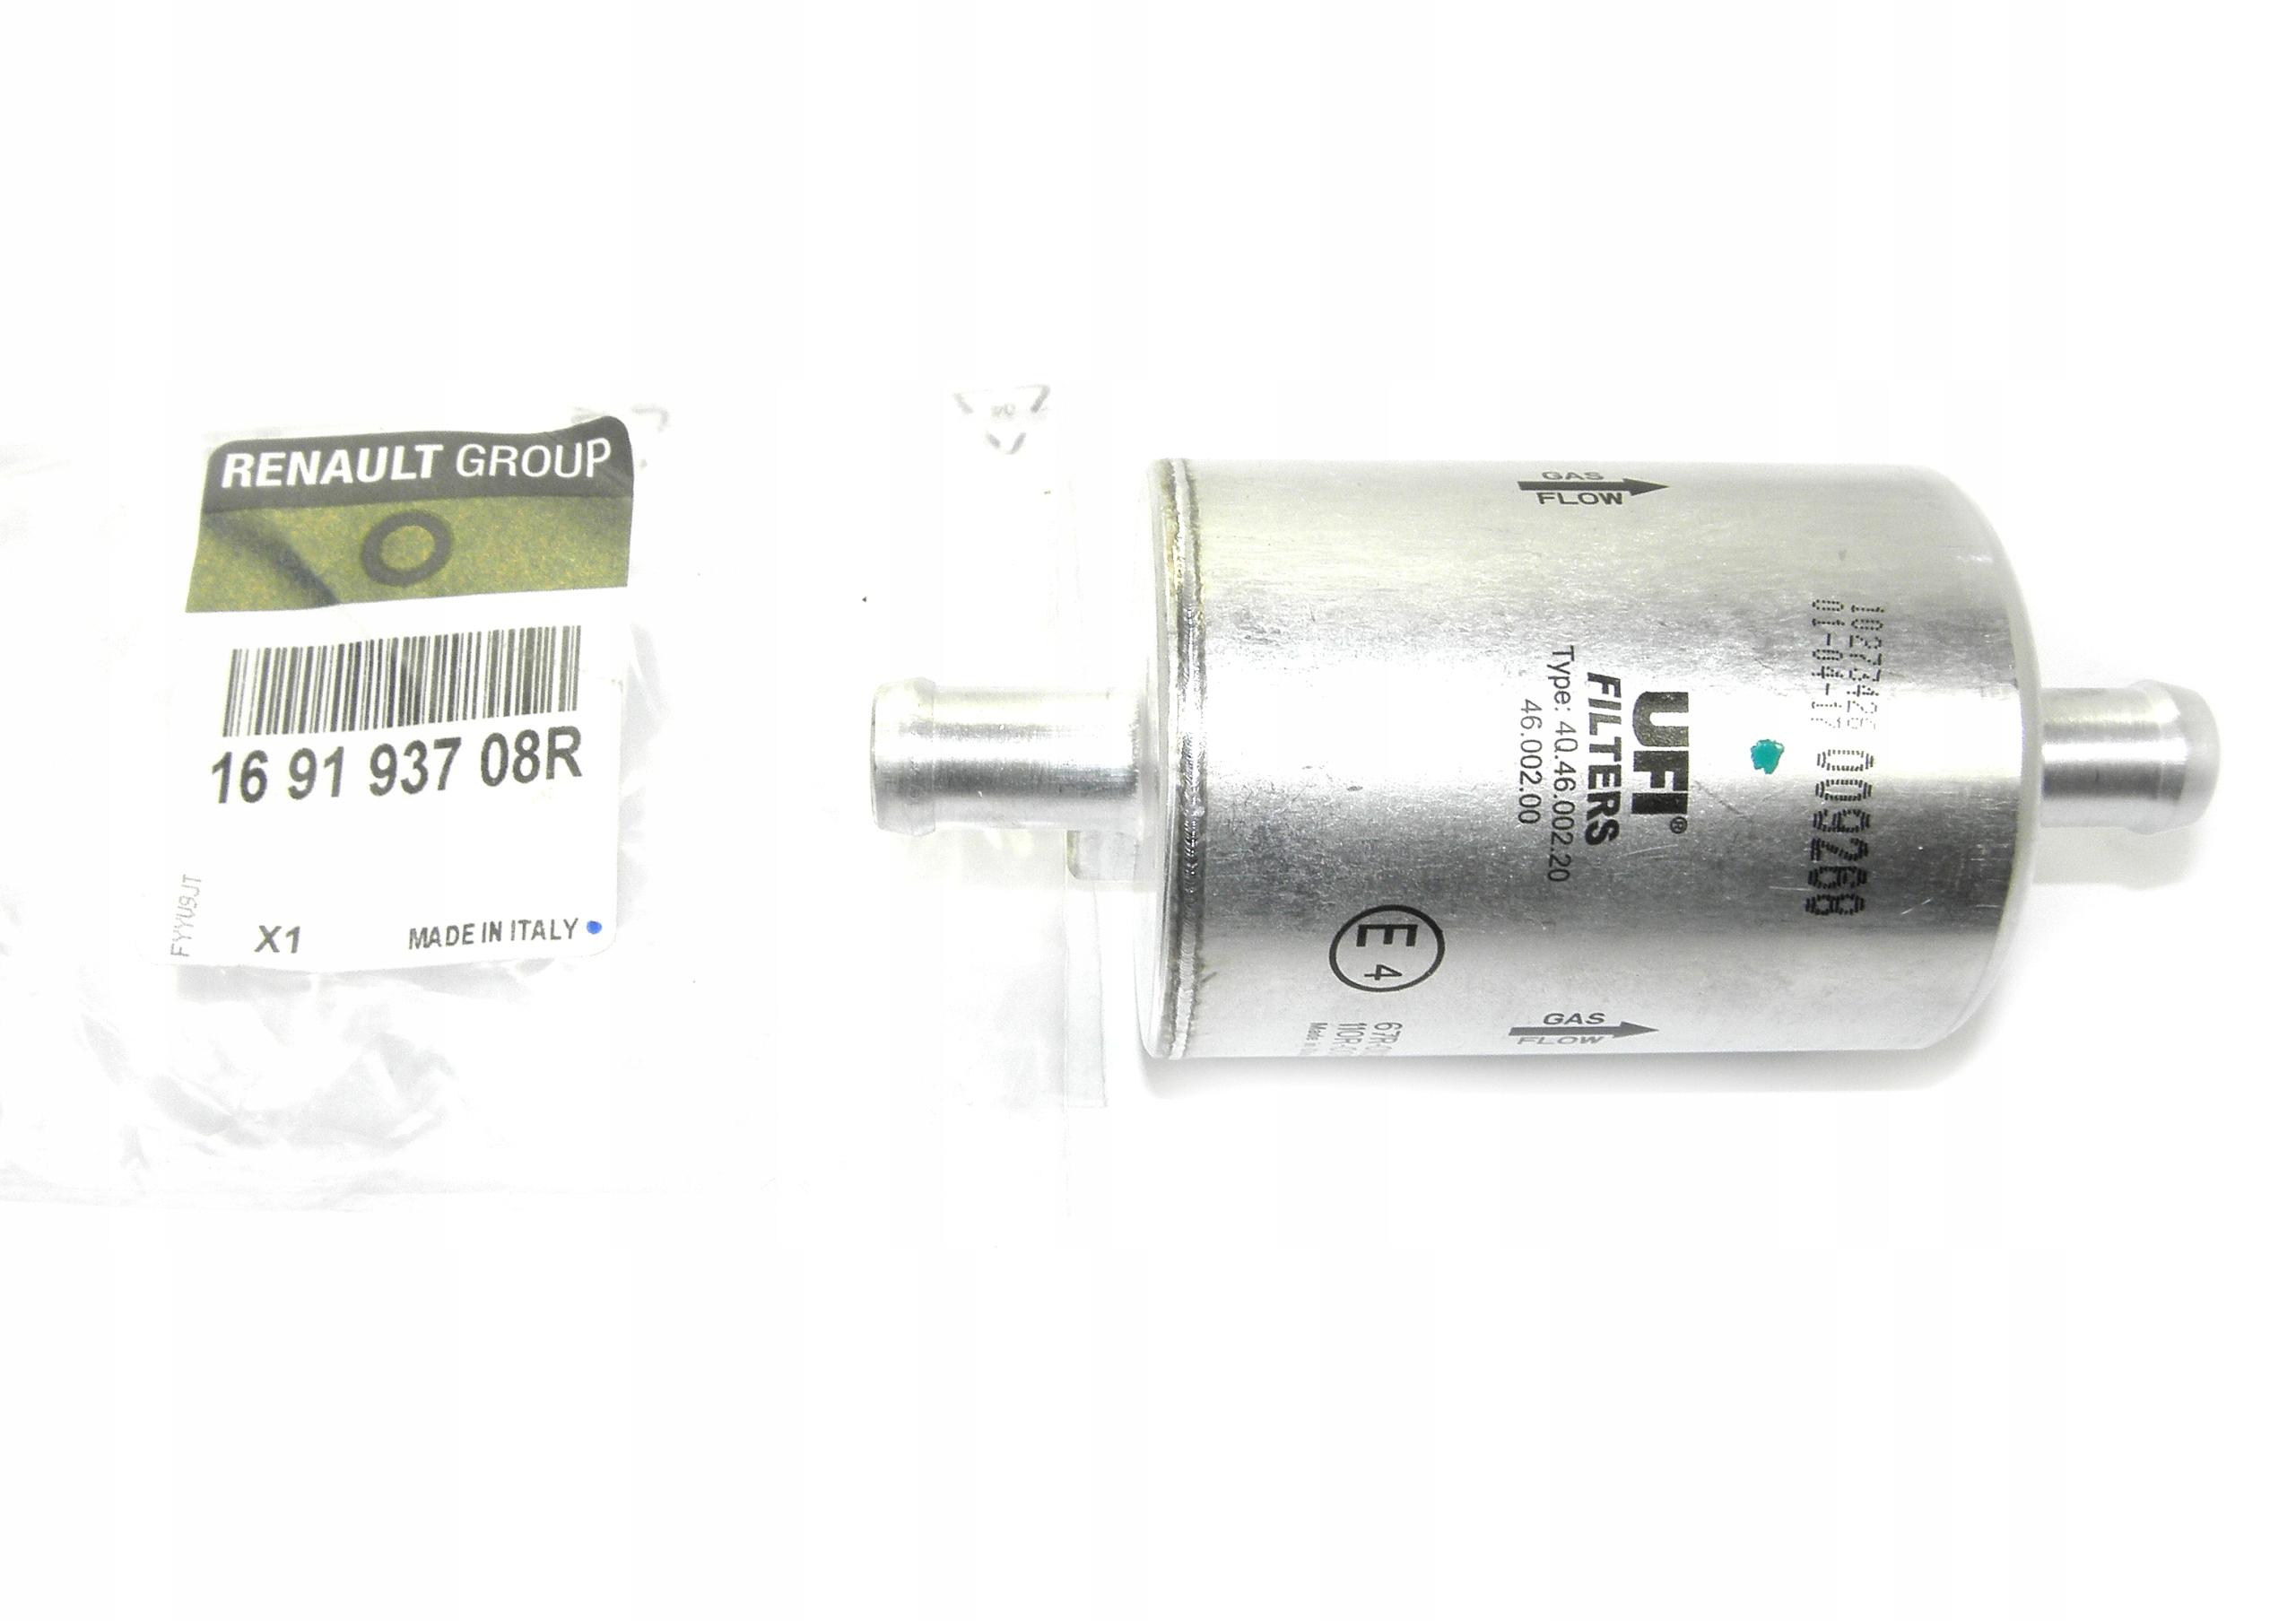 фильтр газа фазы мобильная снг dacia 169193708r